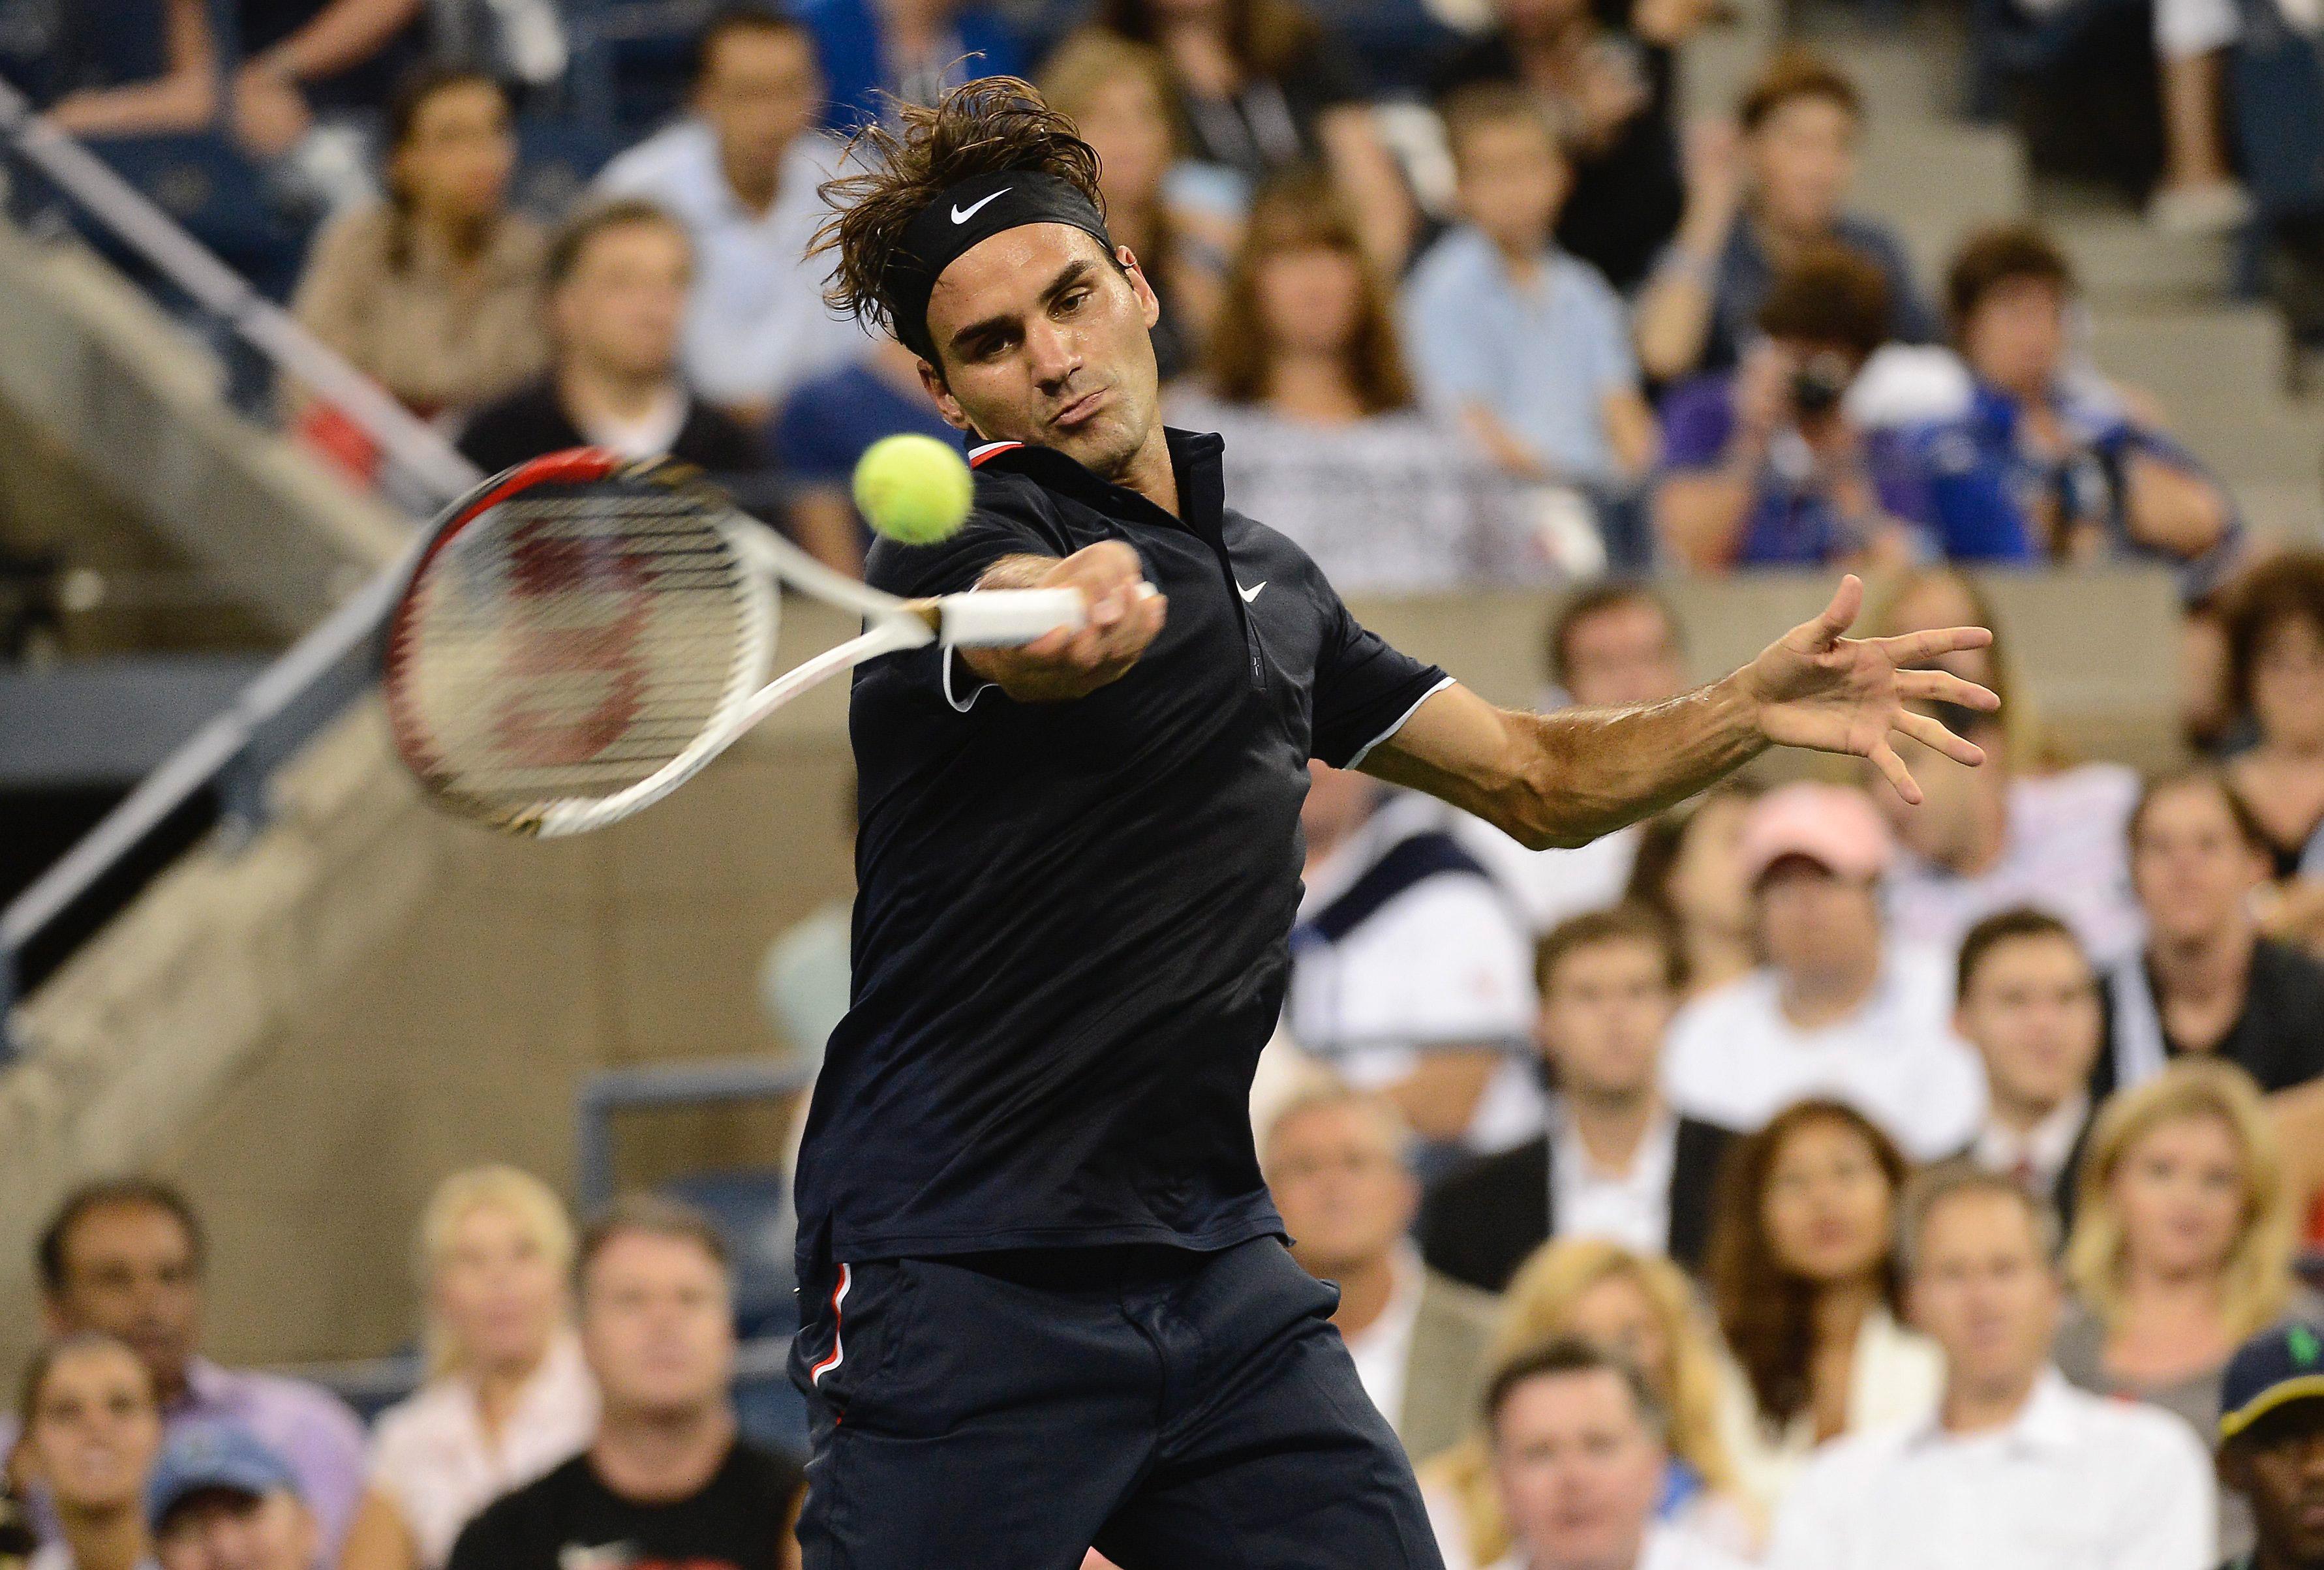 Роджър Федерер се разправи с ветеран от Германия